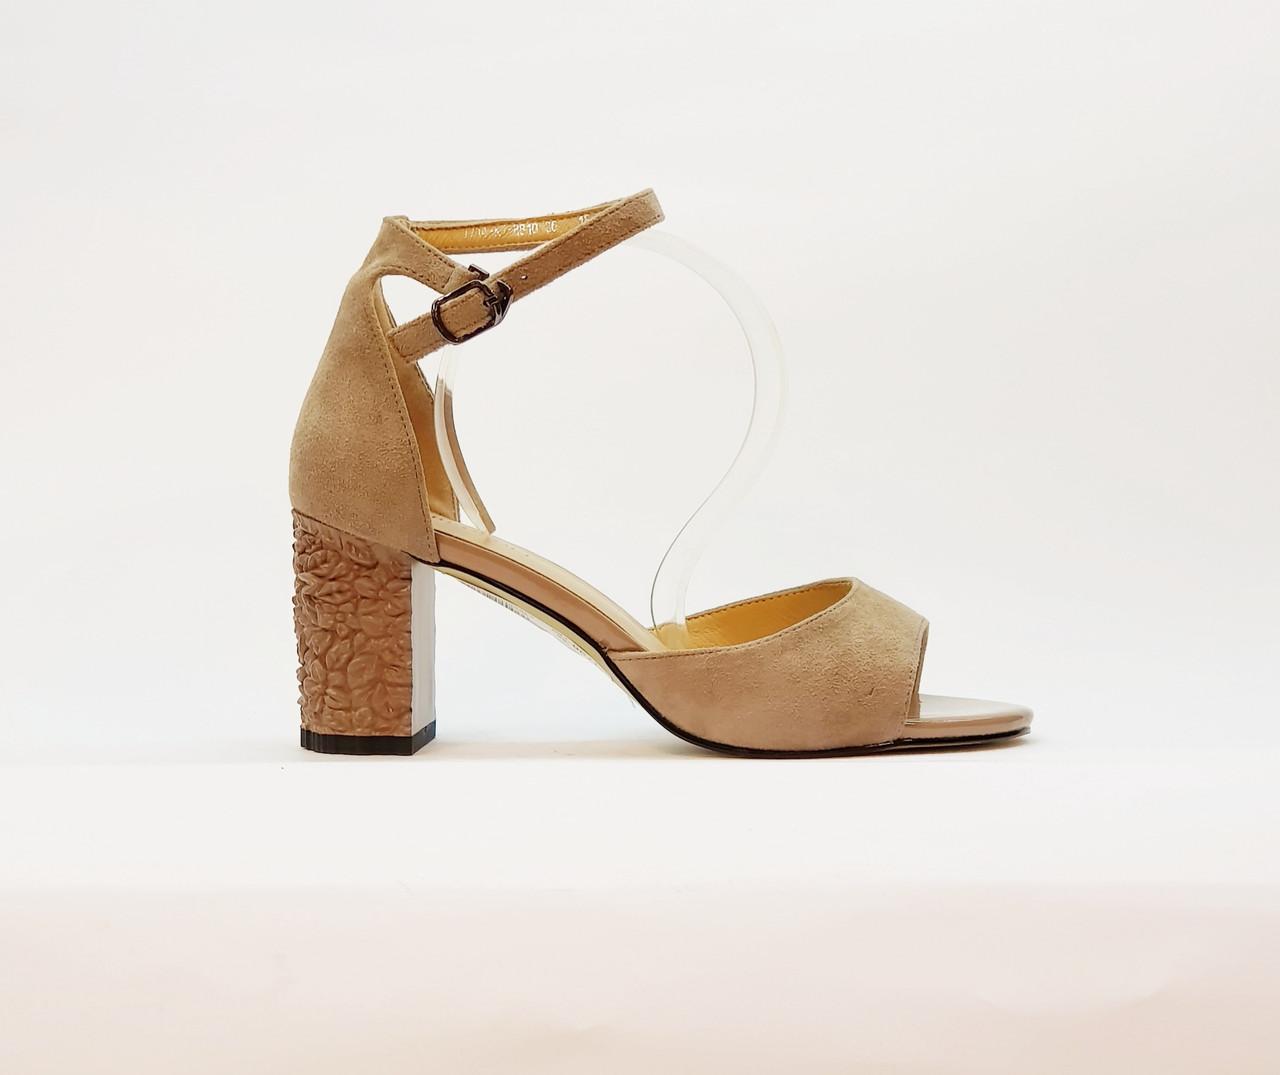 Босоножки женские натуральная замша на высоком каблуке с закрытой пяткой, бежевые